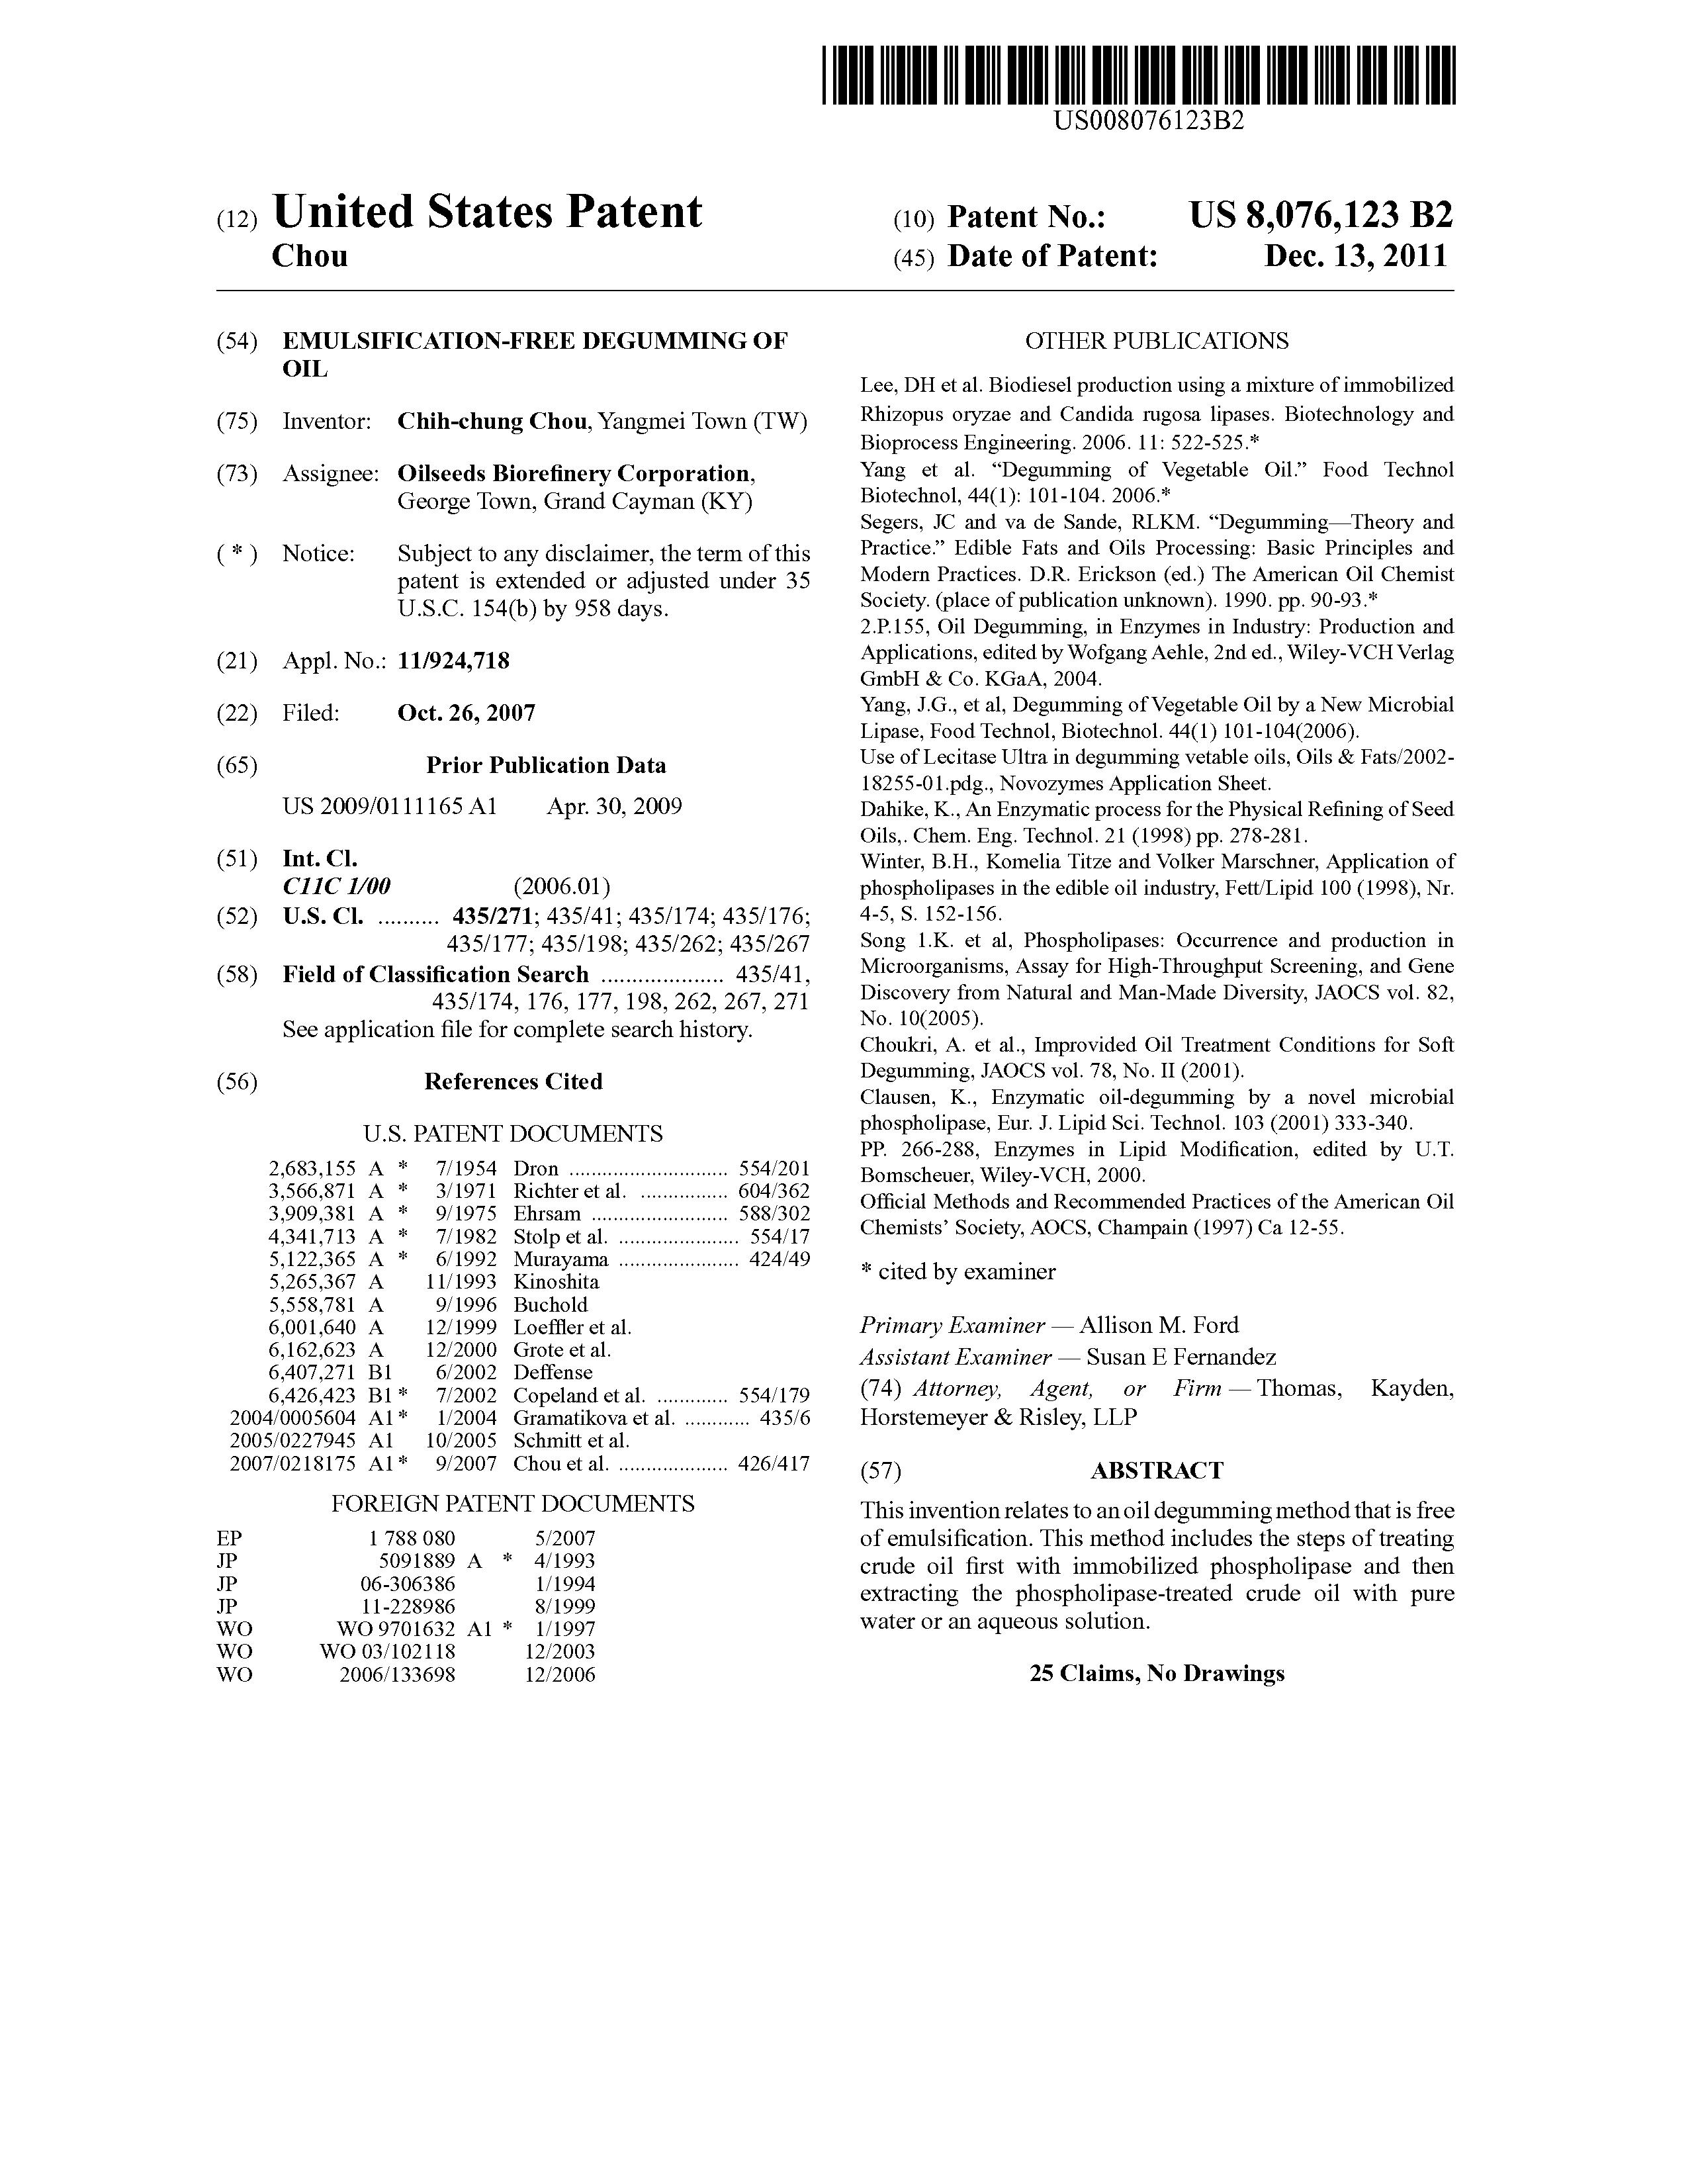 US 8076123 B2 - Emulsification-free Degumming Of Oil - The